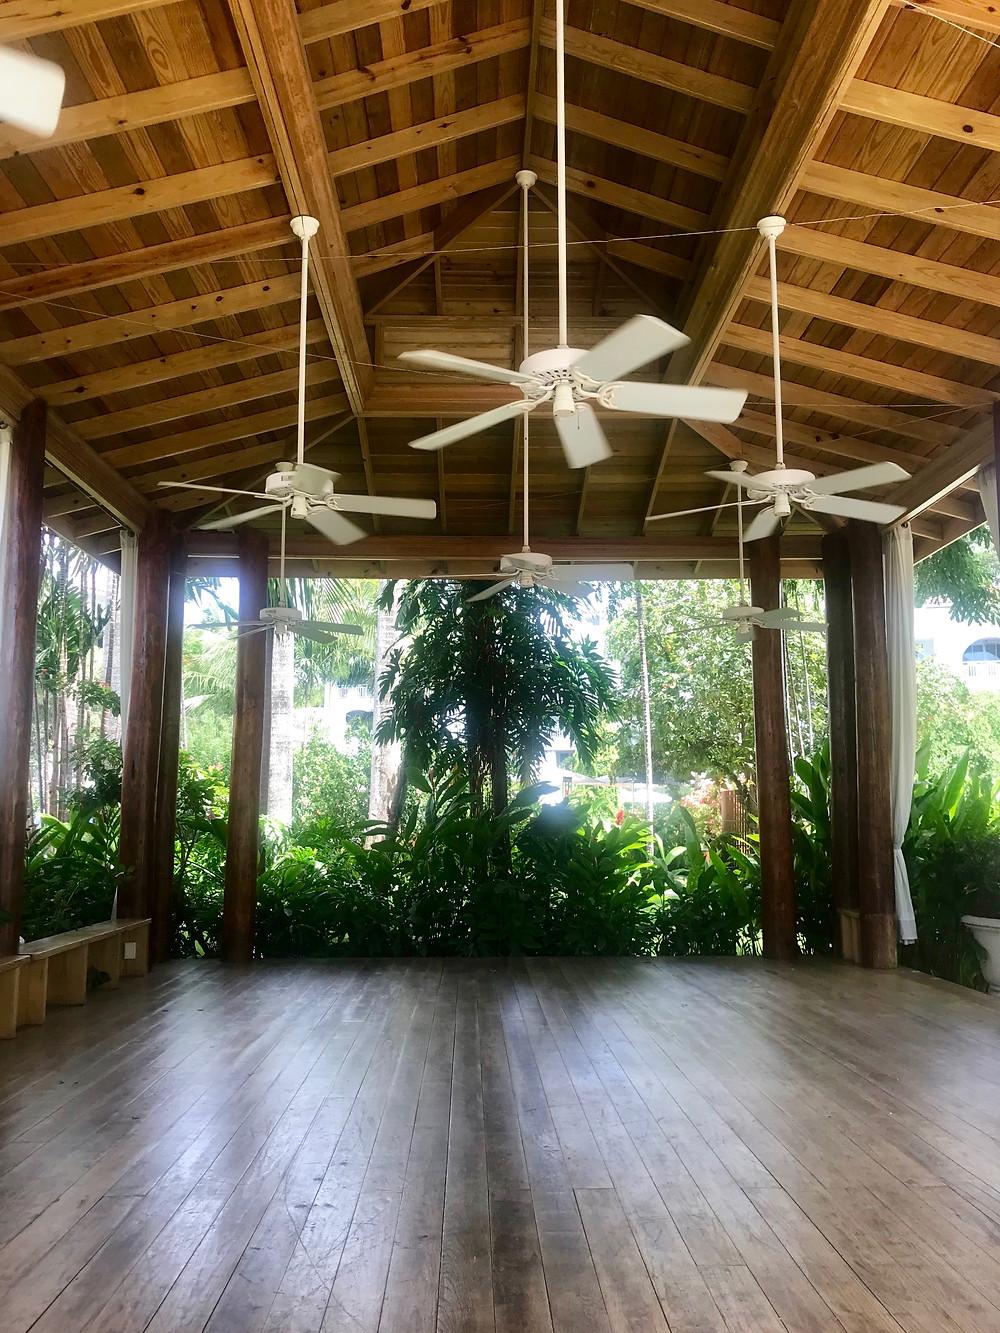 Sandals Royal Barbados Yoga Pavilion - inside